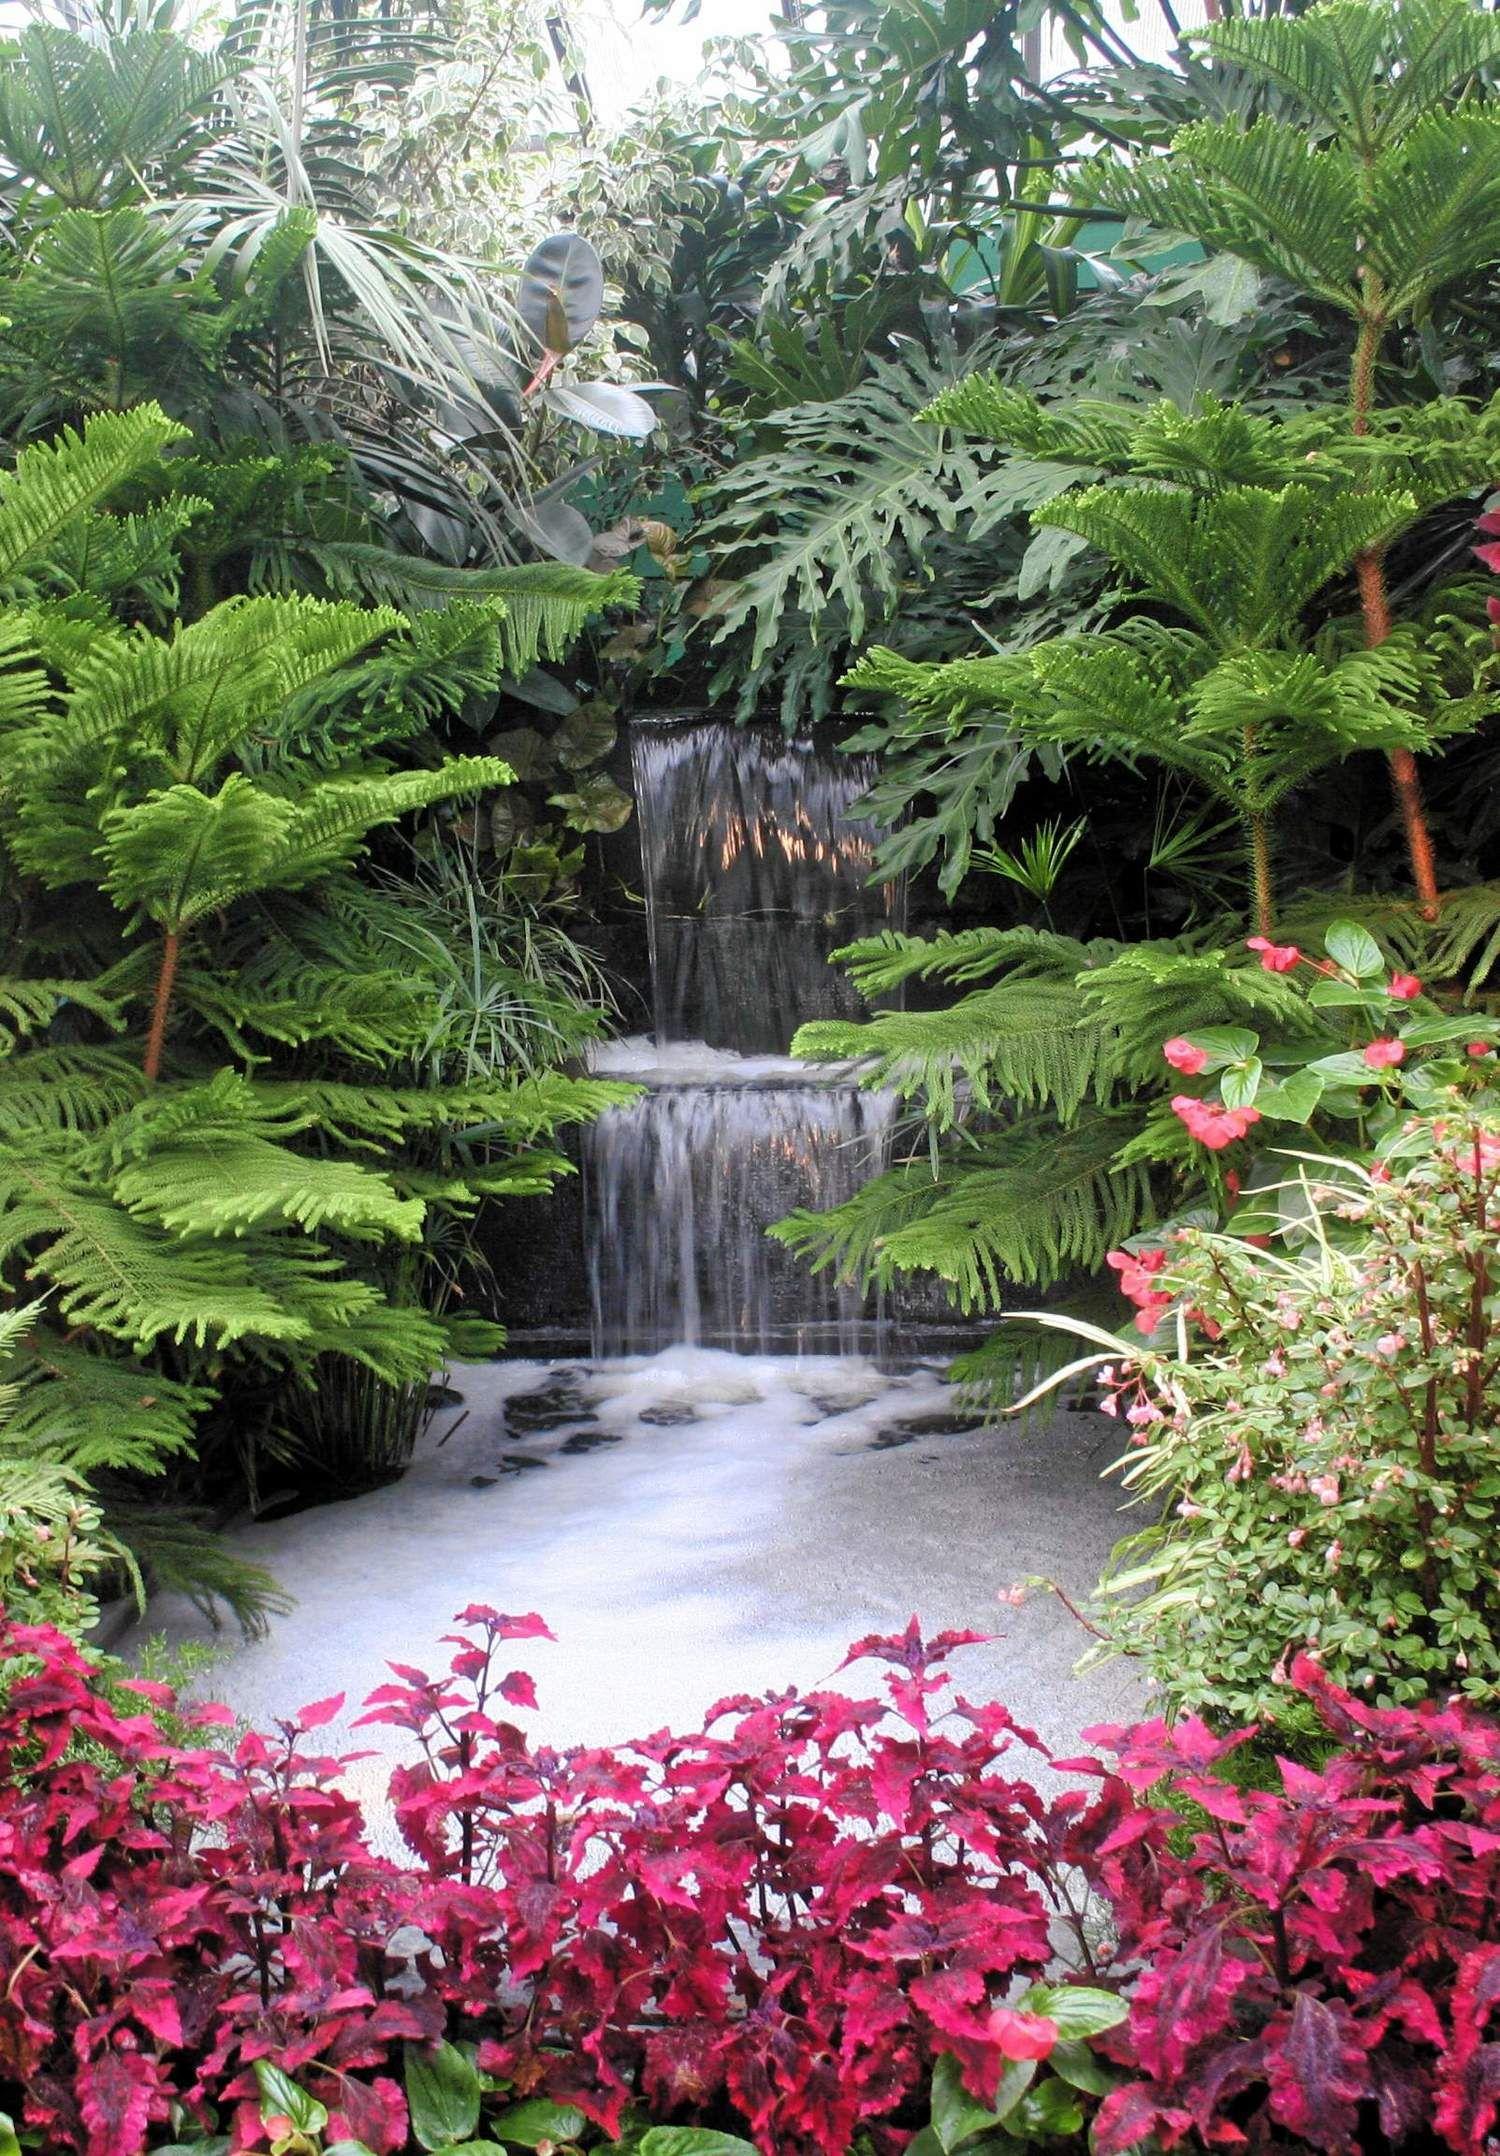 Verzauberkunst Gartenteich Ideen Das Beste Von Pinspiration - 90 Stylish Backyard & Garden